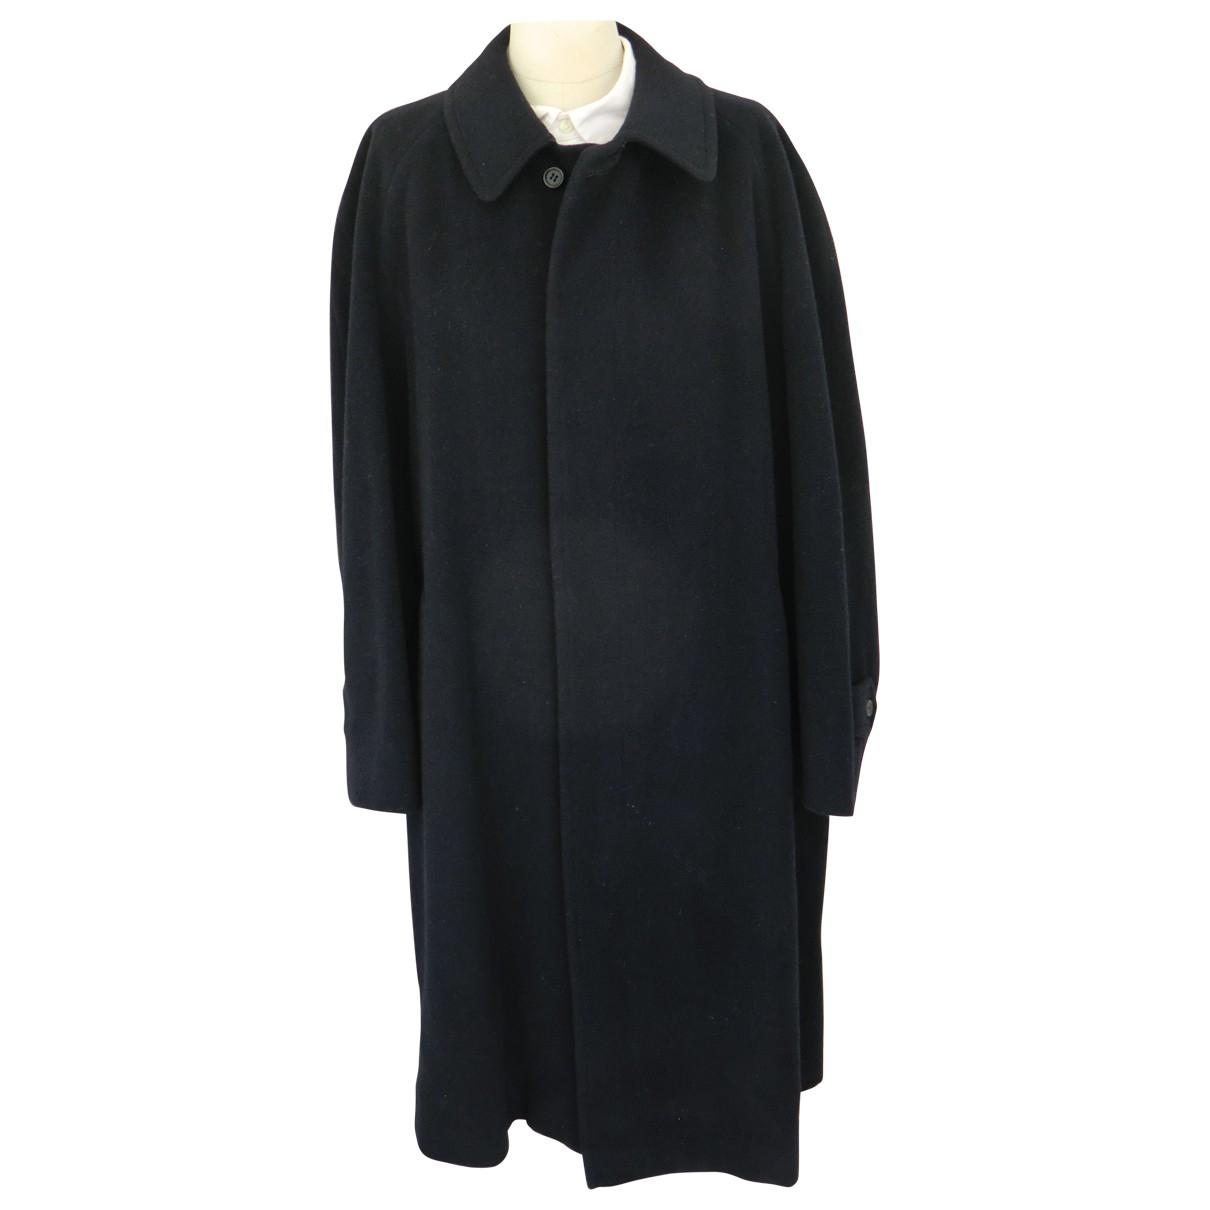 Burberry - Manteau   pour homme en laine - marine